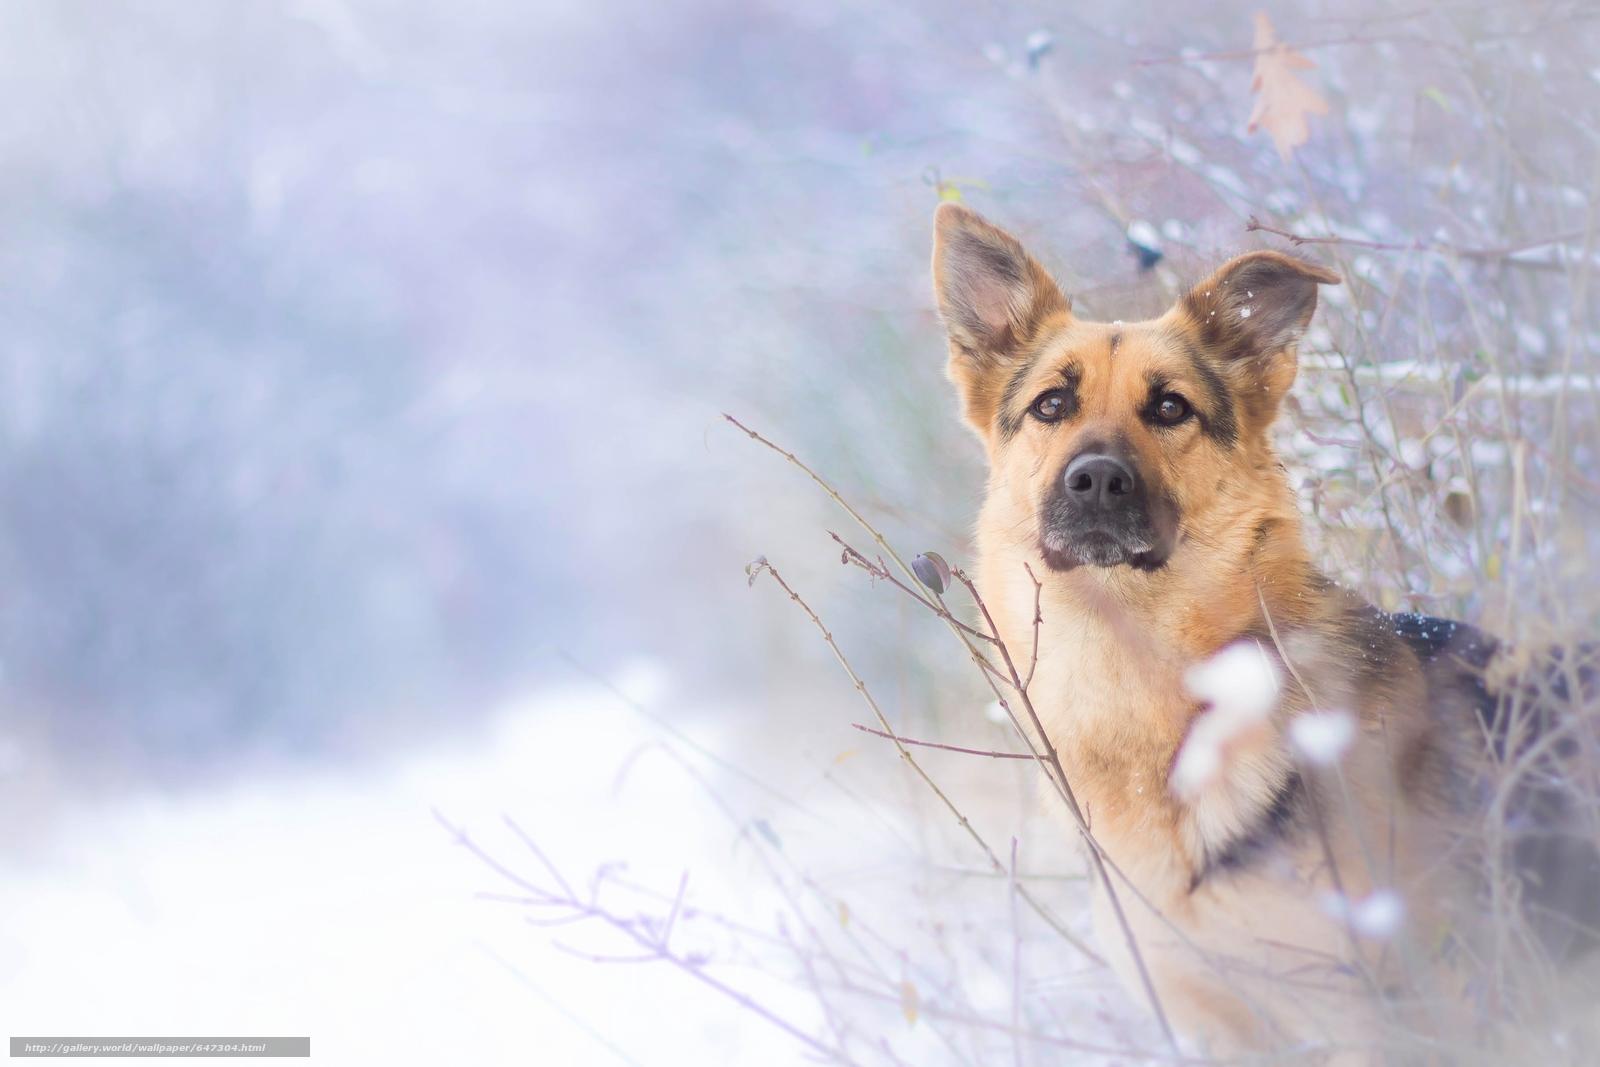 pobra tapety pies,  pasterz,  widok,  zima Darmowe tapety na pulpit rozdzielczoci 3640x2427 — zdjcie №647304